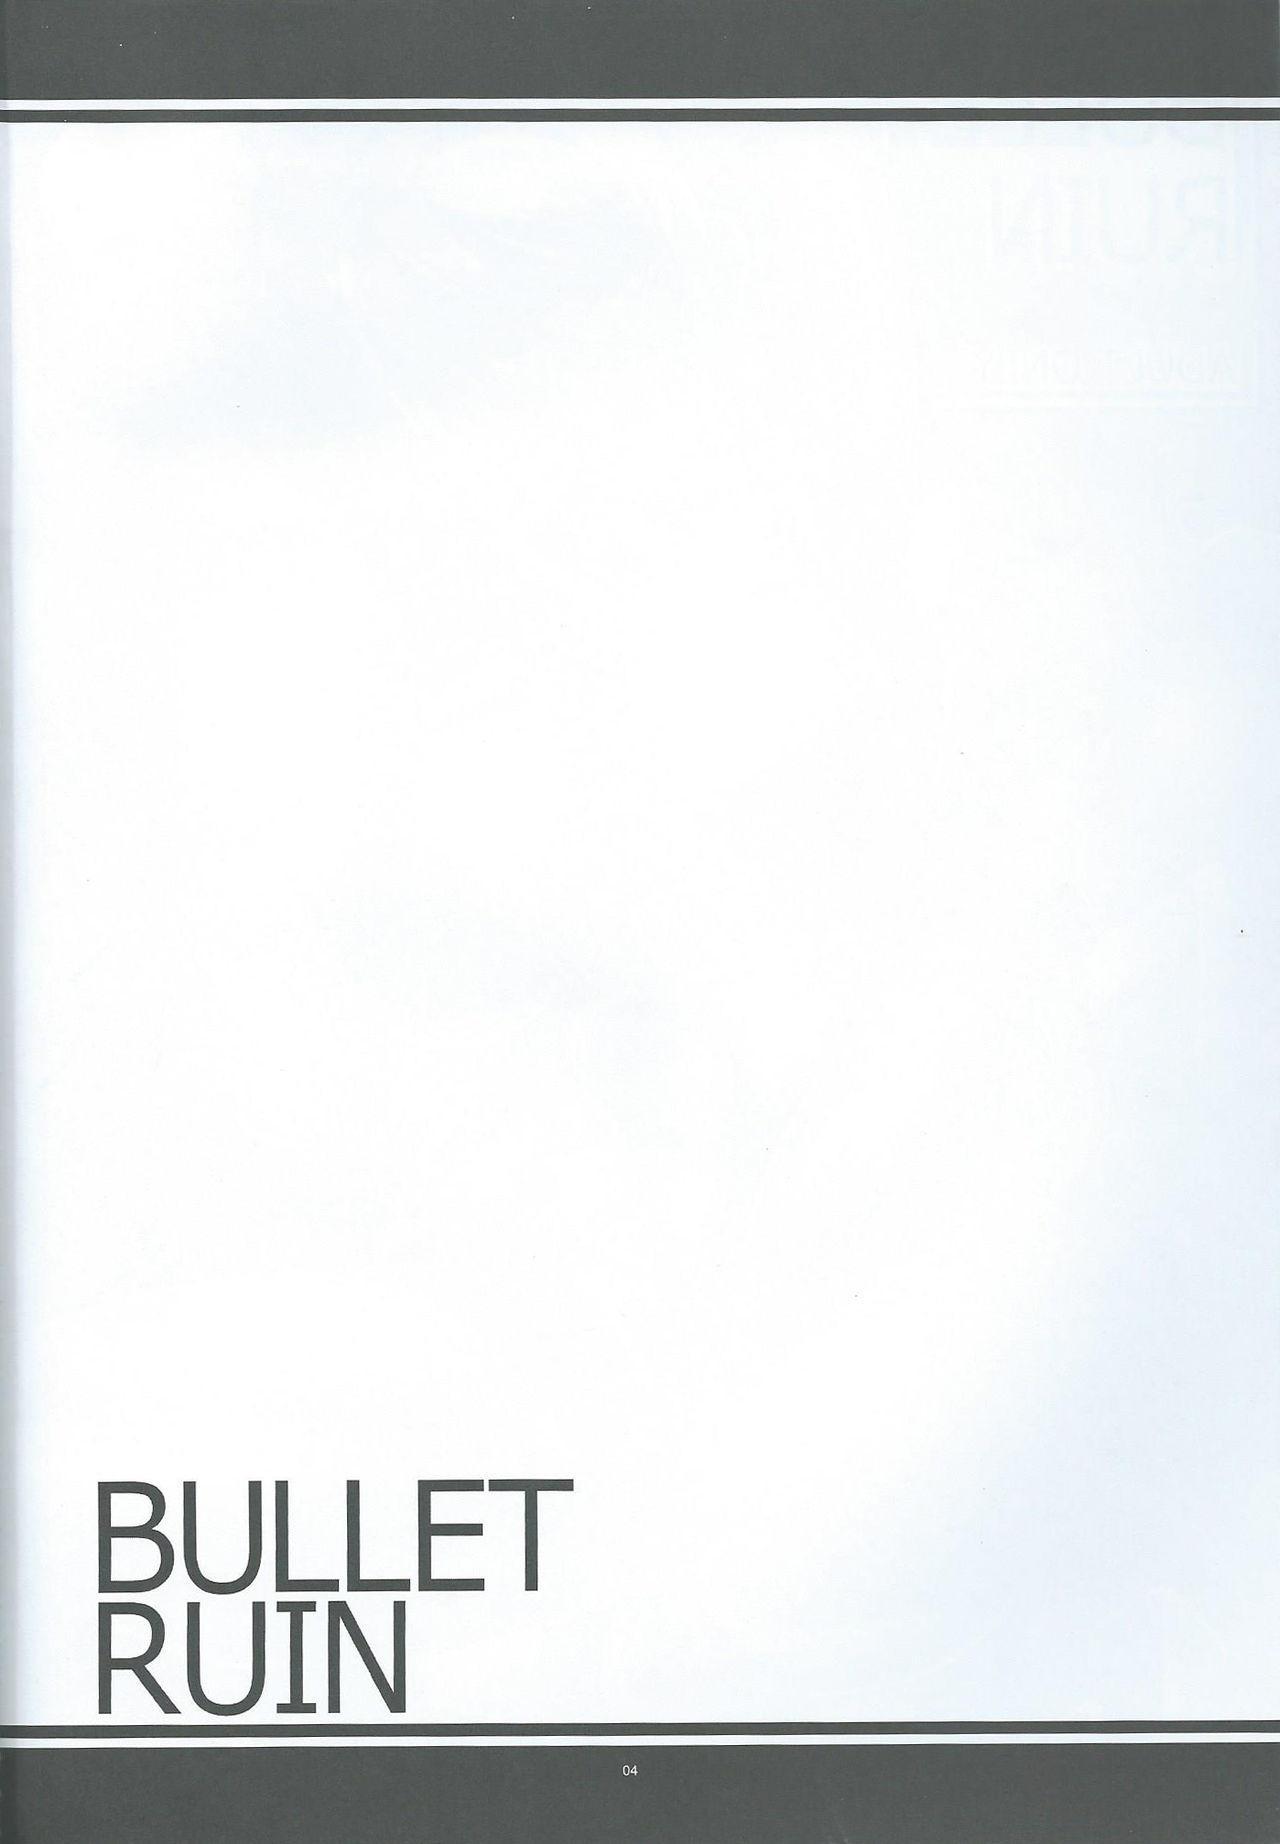 BULLET RUIN 2